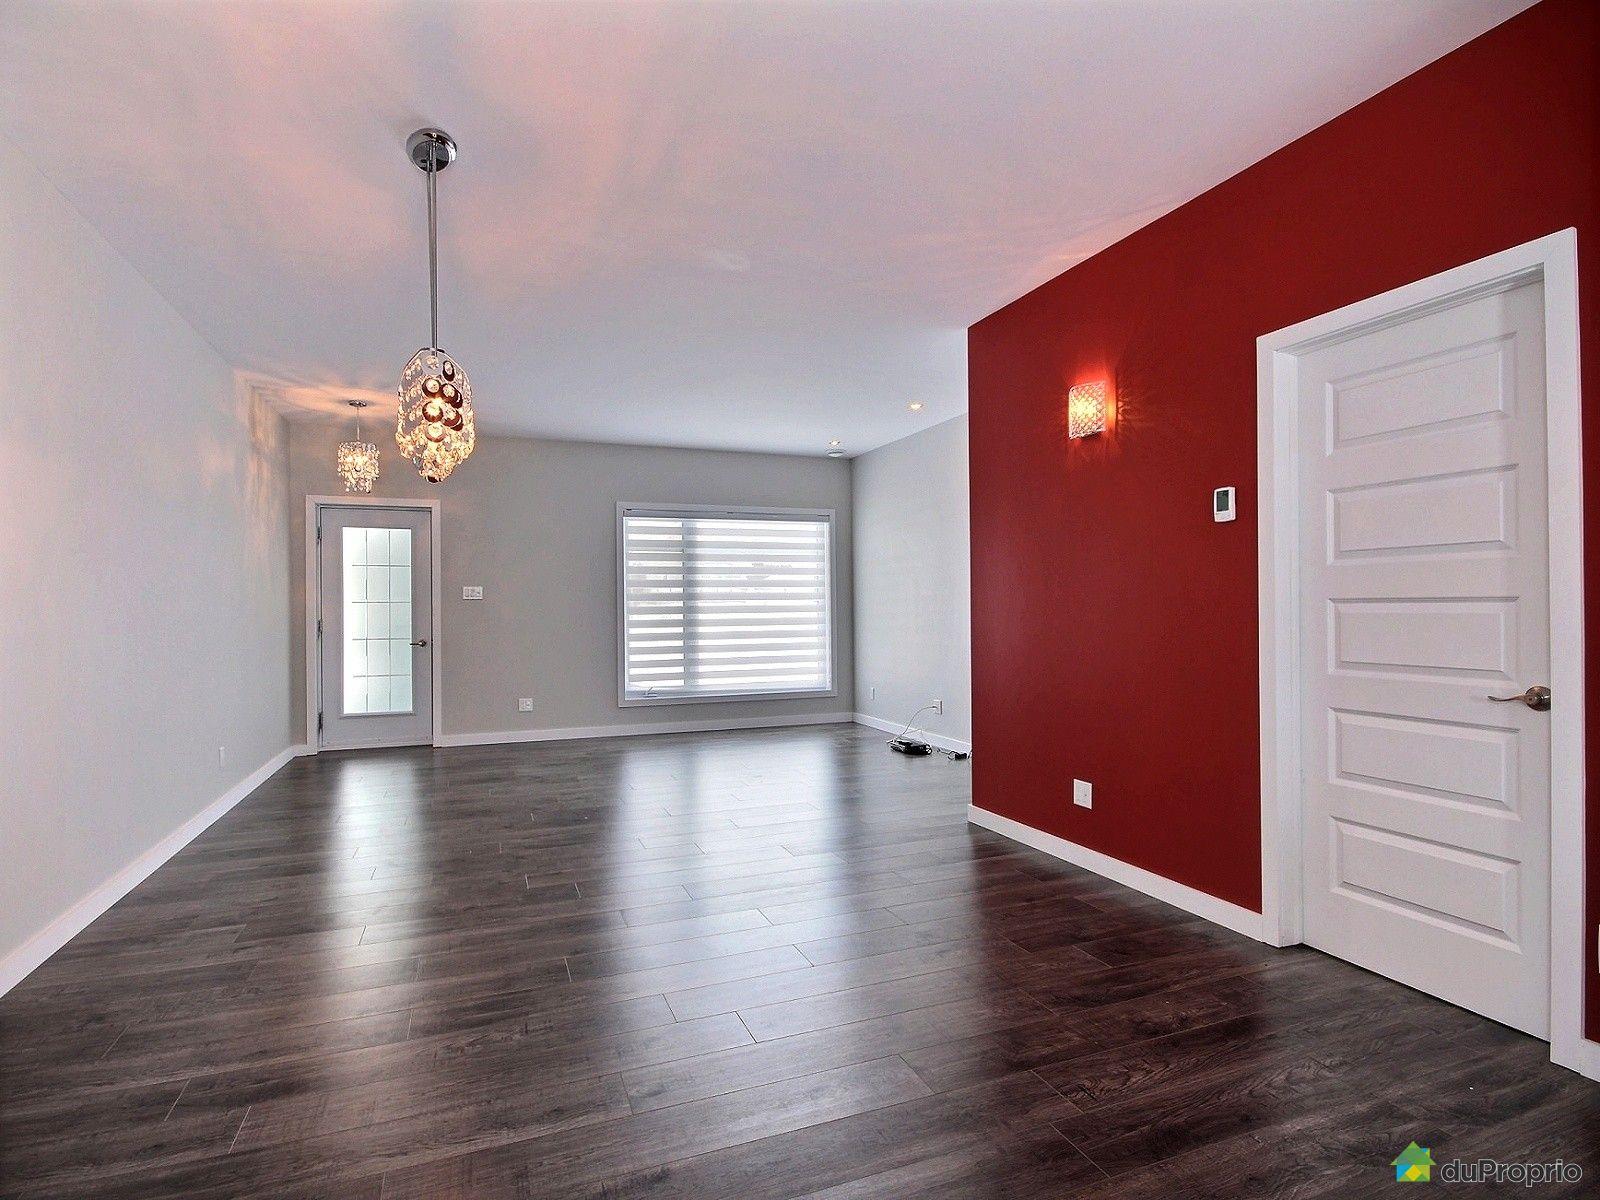 bi g n ration vendre alma 500 rue de montpellier immobilier qu bec duproprio 678718. Black Bedroom Furniture Sets. Home Design Ideas